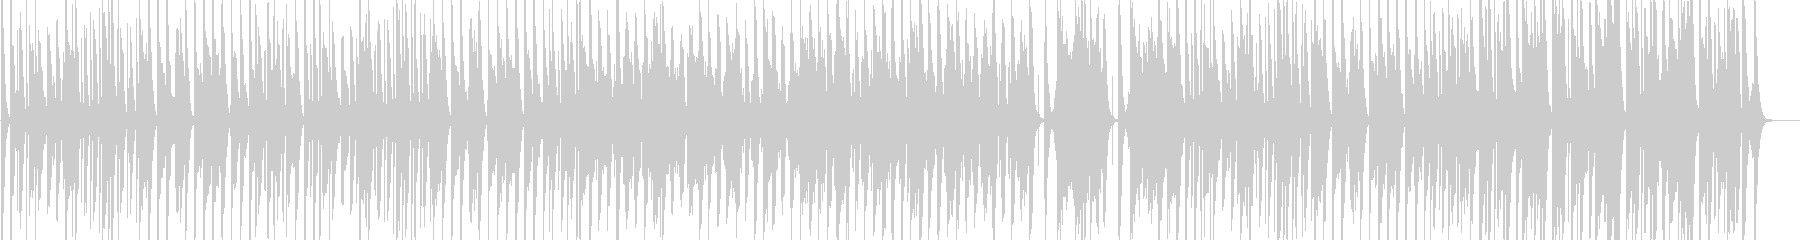 コロコロした雰囲気のほのぼの可愛いBGMの未再生の波形